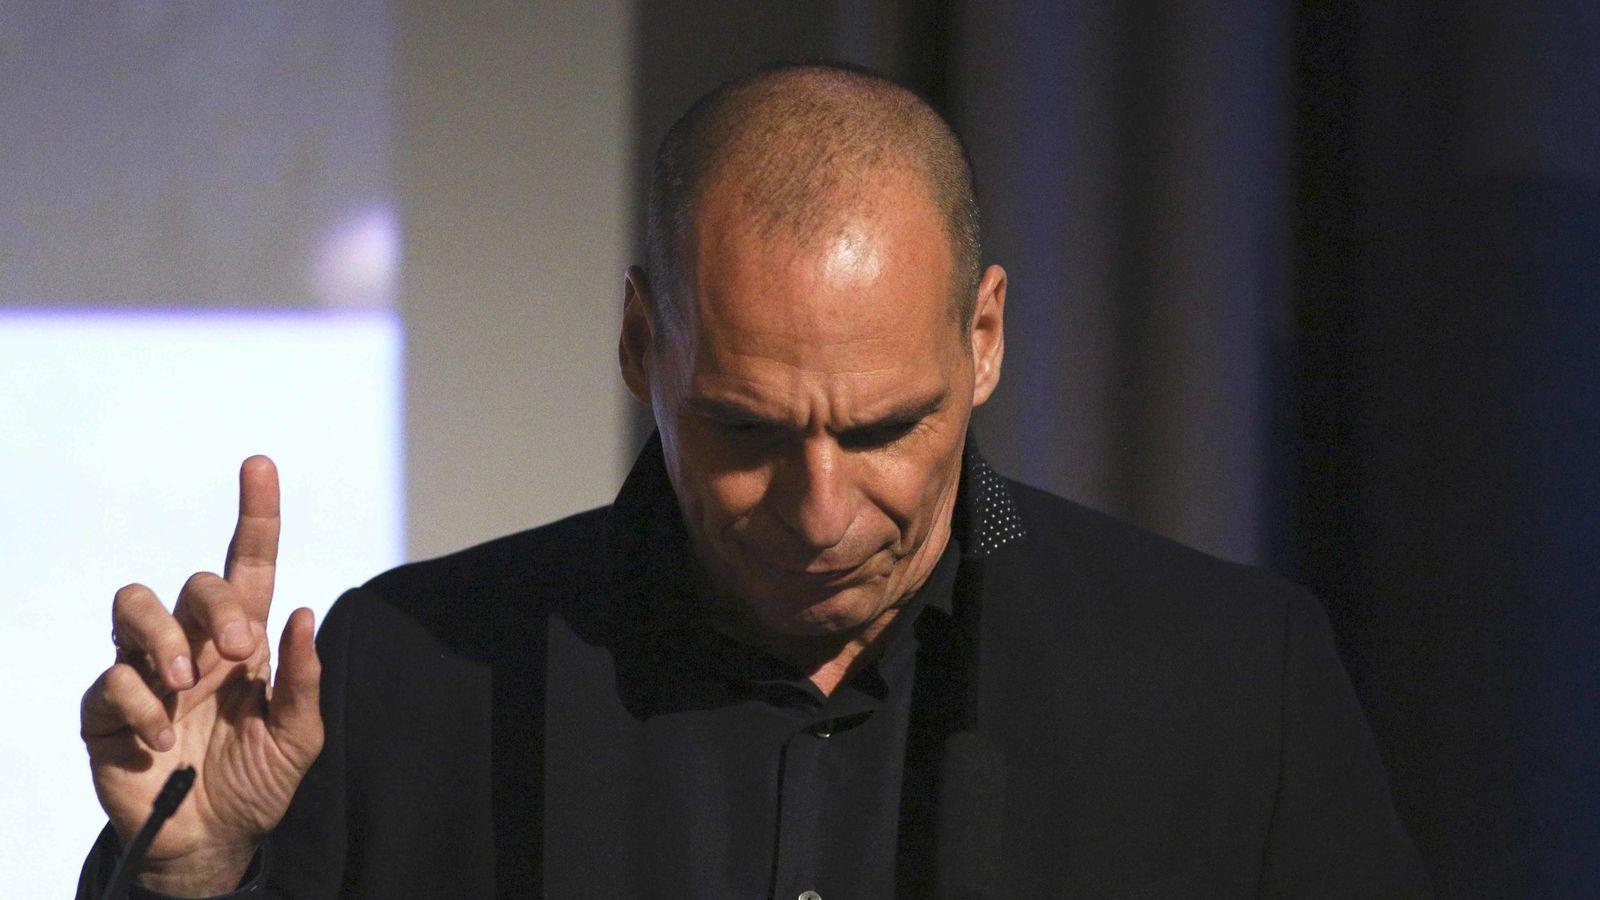 Foto: El economista Yanis Varoufakis, en Londres, apoyando la permanencia del Reino Unido en la UE. (Reuters)